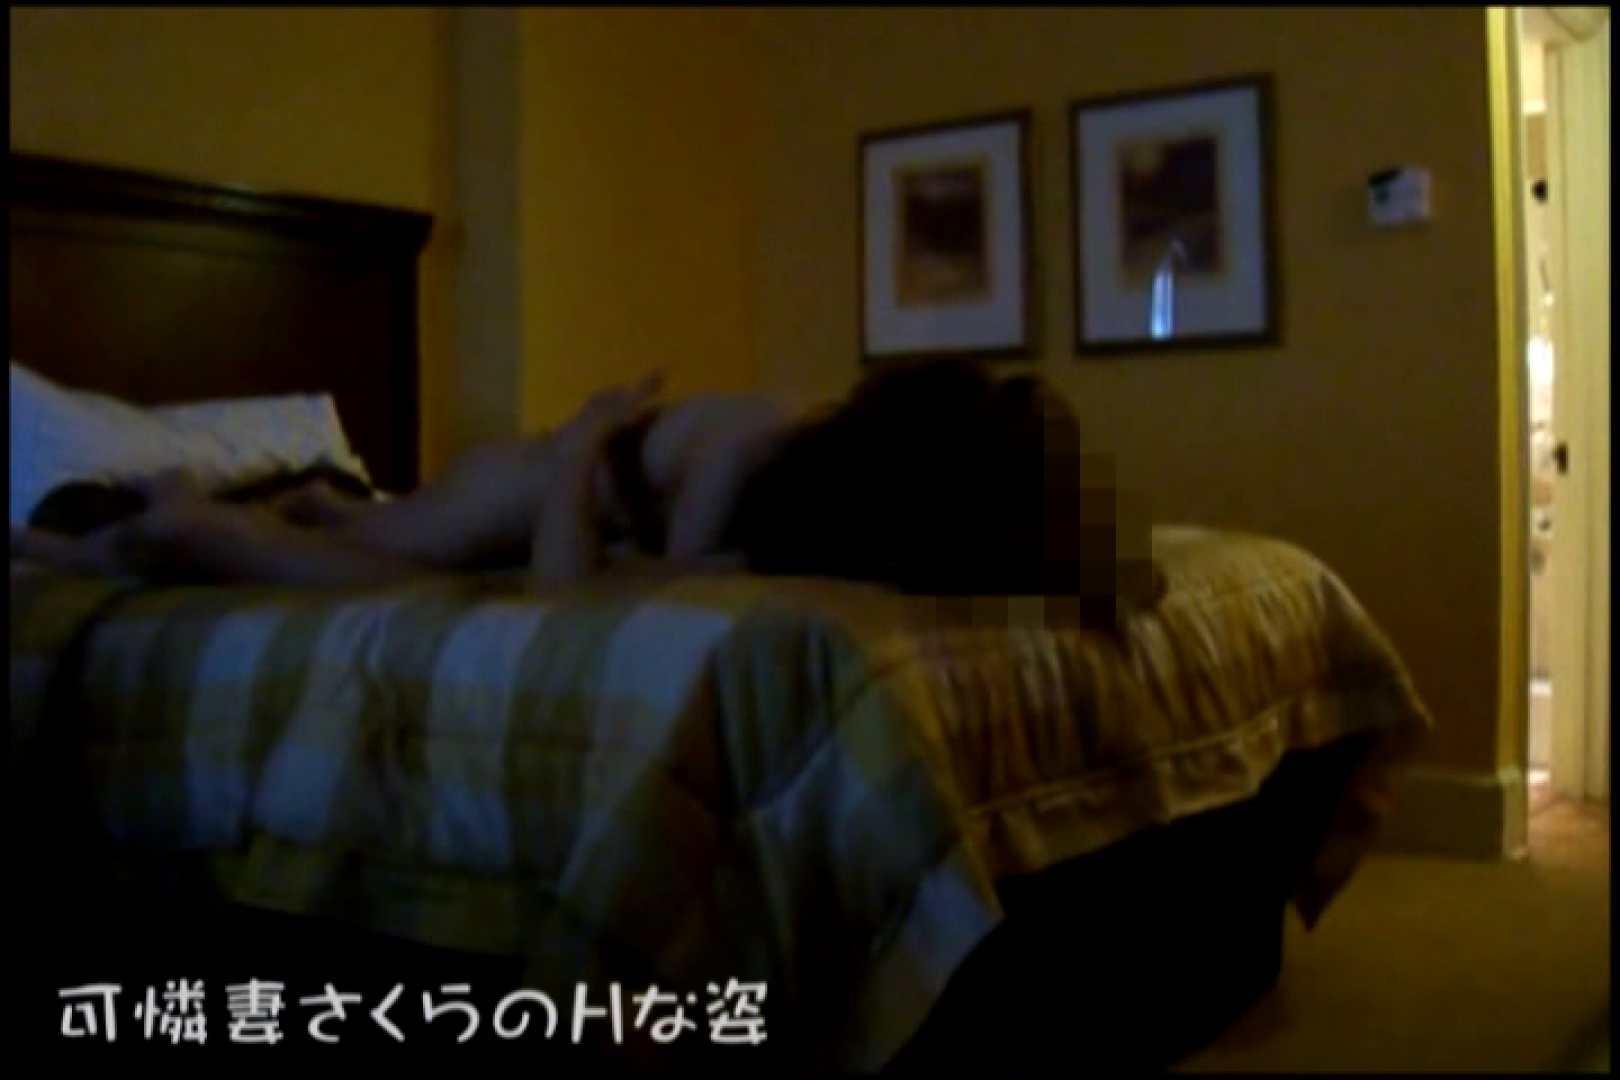 可憐妻さくらのHな姿vol.9後編 熟女の裸体 | OL裸体  106画像 43